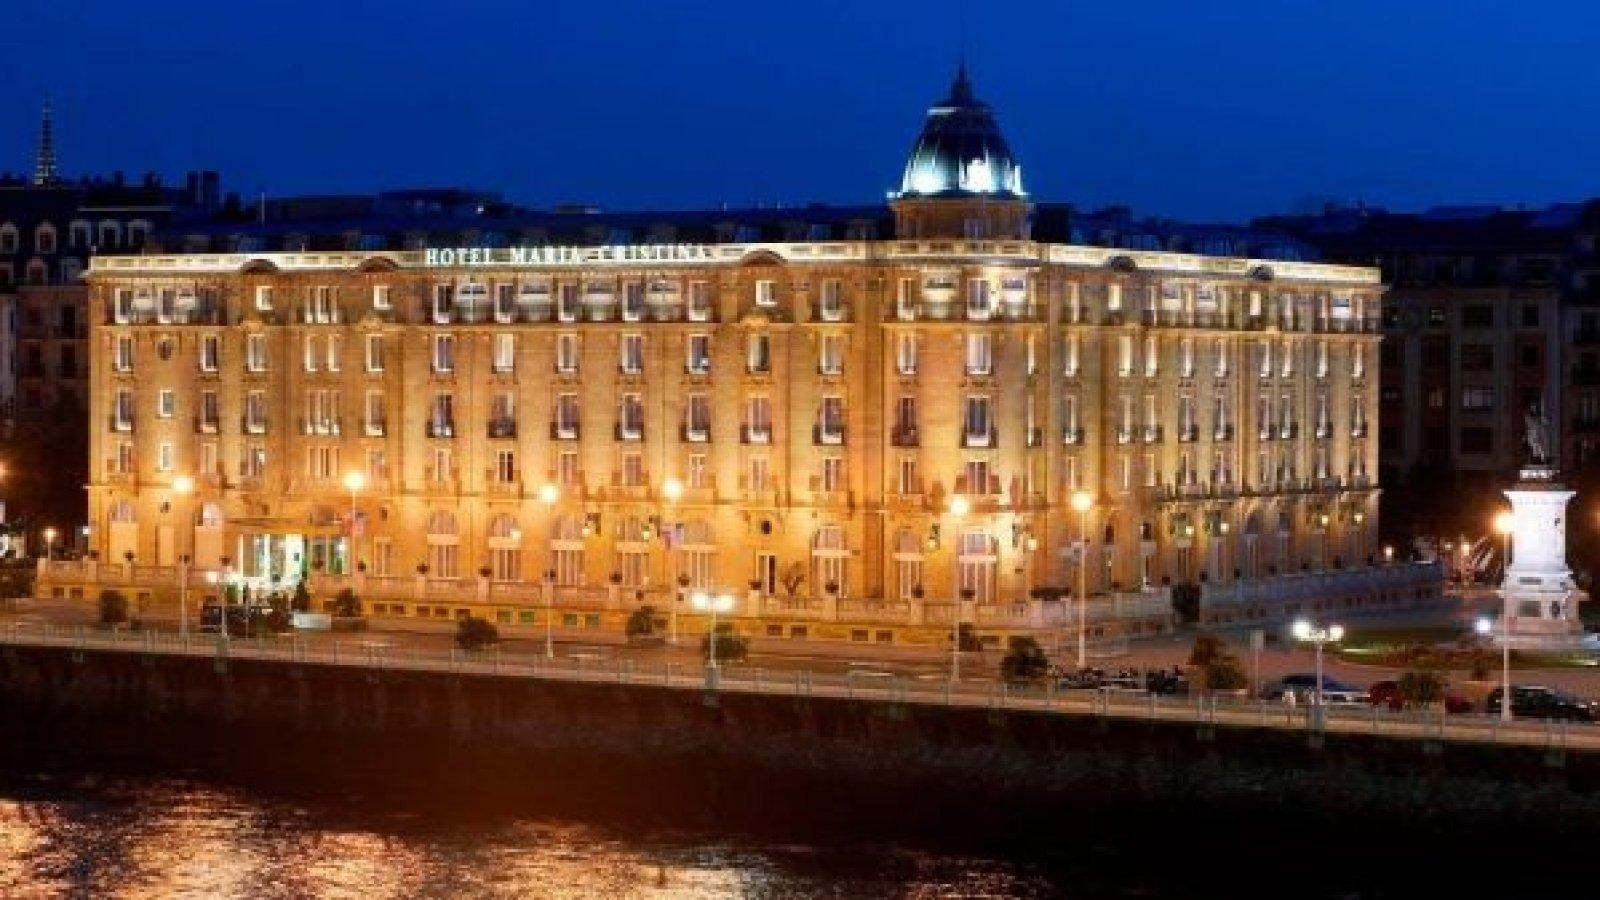 Exteriores de este histórico y lujoso hotel.